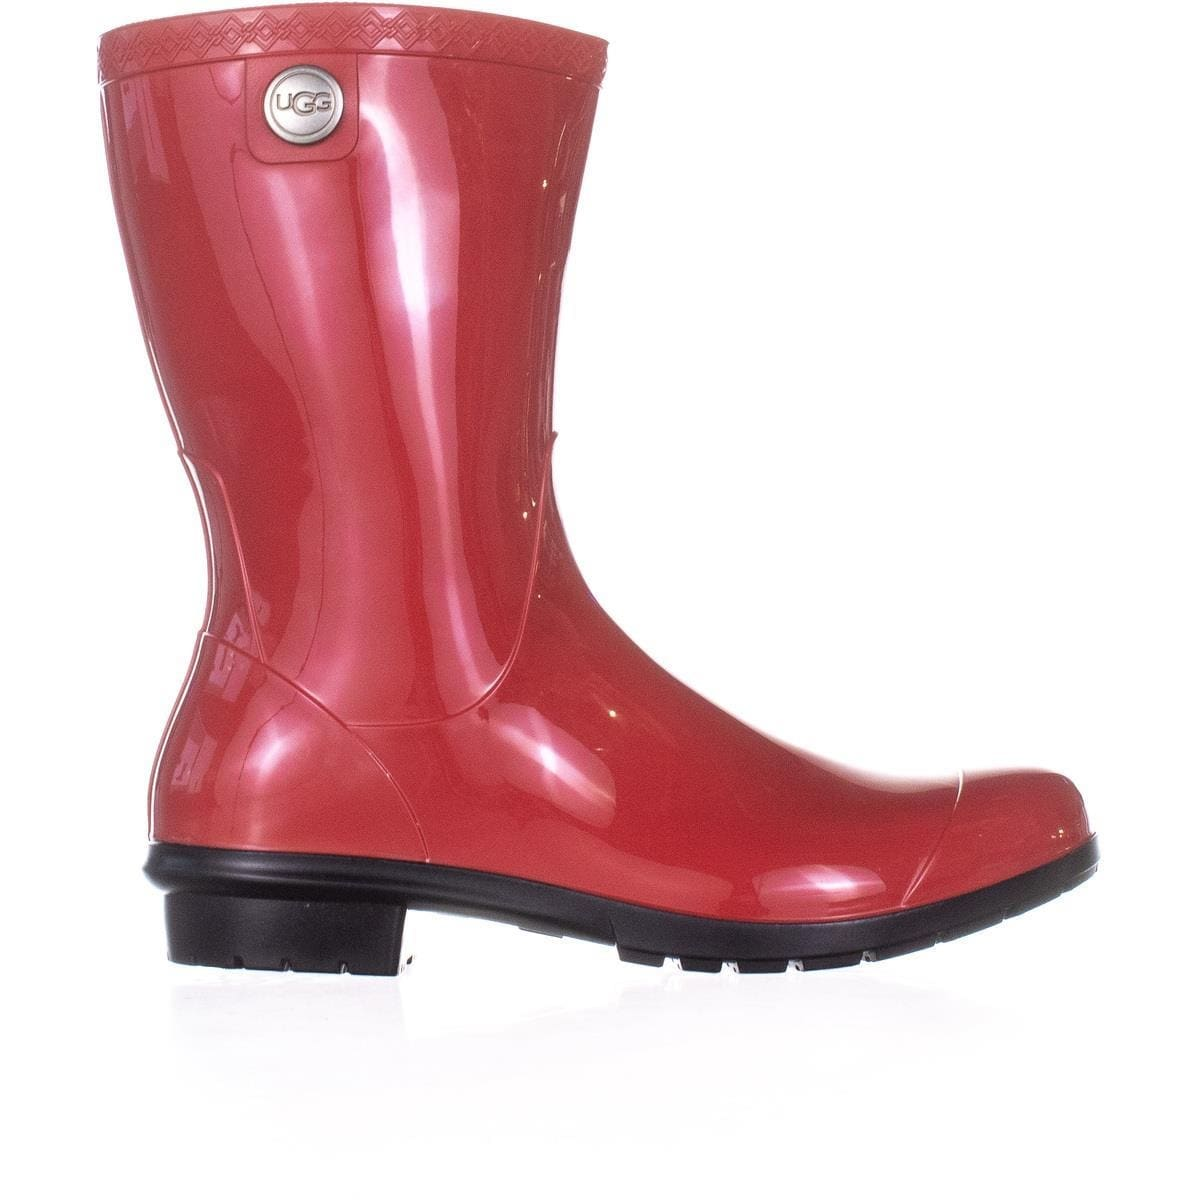 324715da008 UGG Sienna Mid-Calf Rain Boots, Tango - 9 US / 40 EU